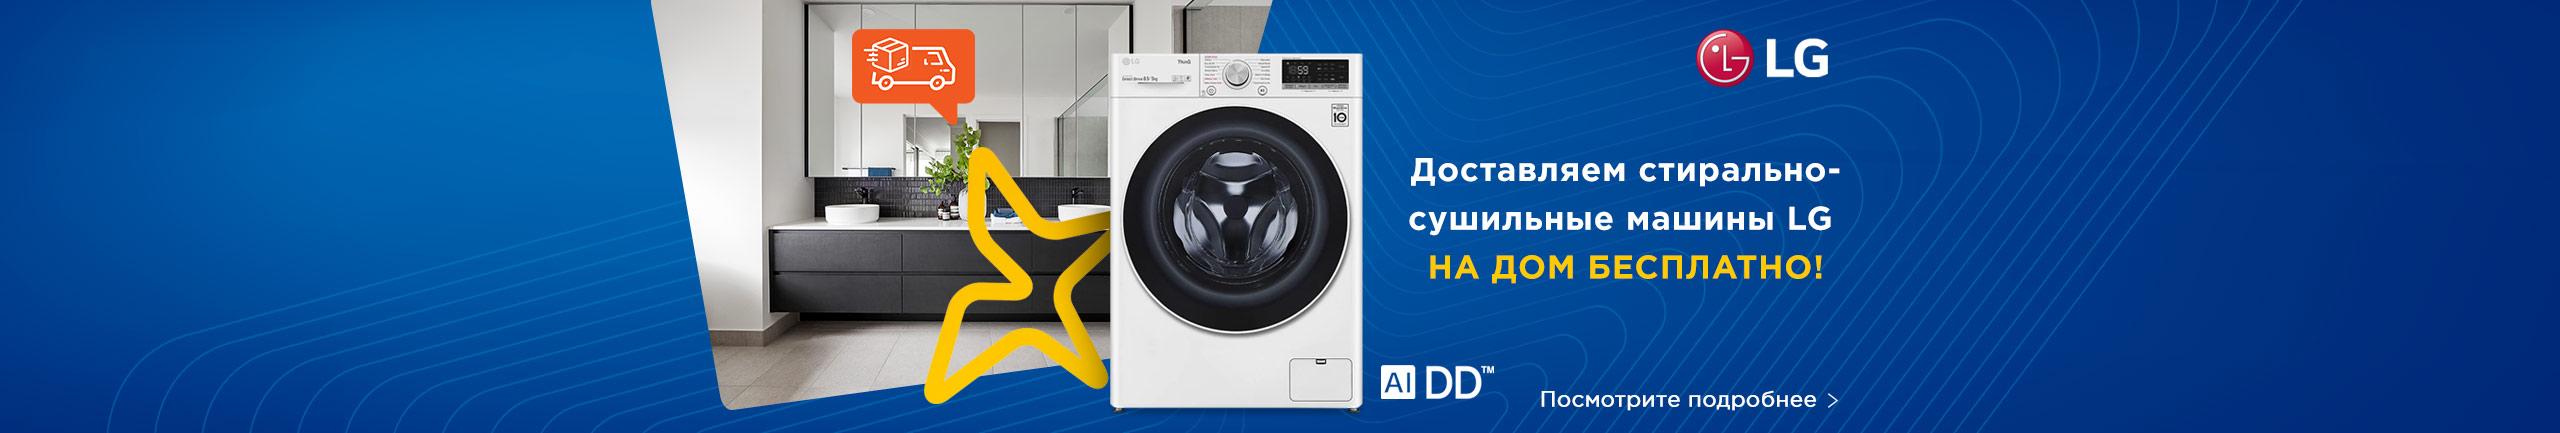 Доставляем стирально-сушильные машины LG на дом бесплатно!